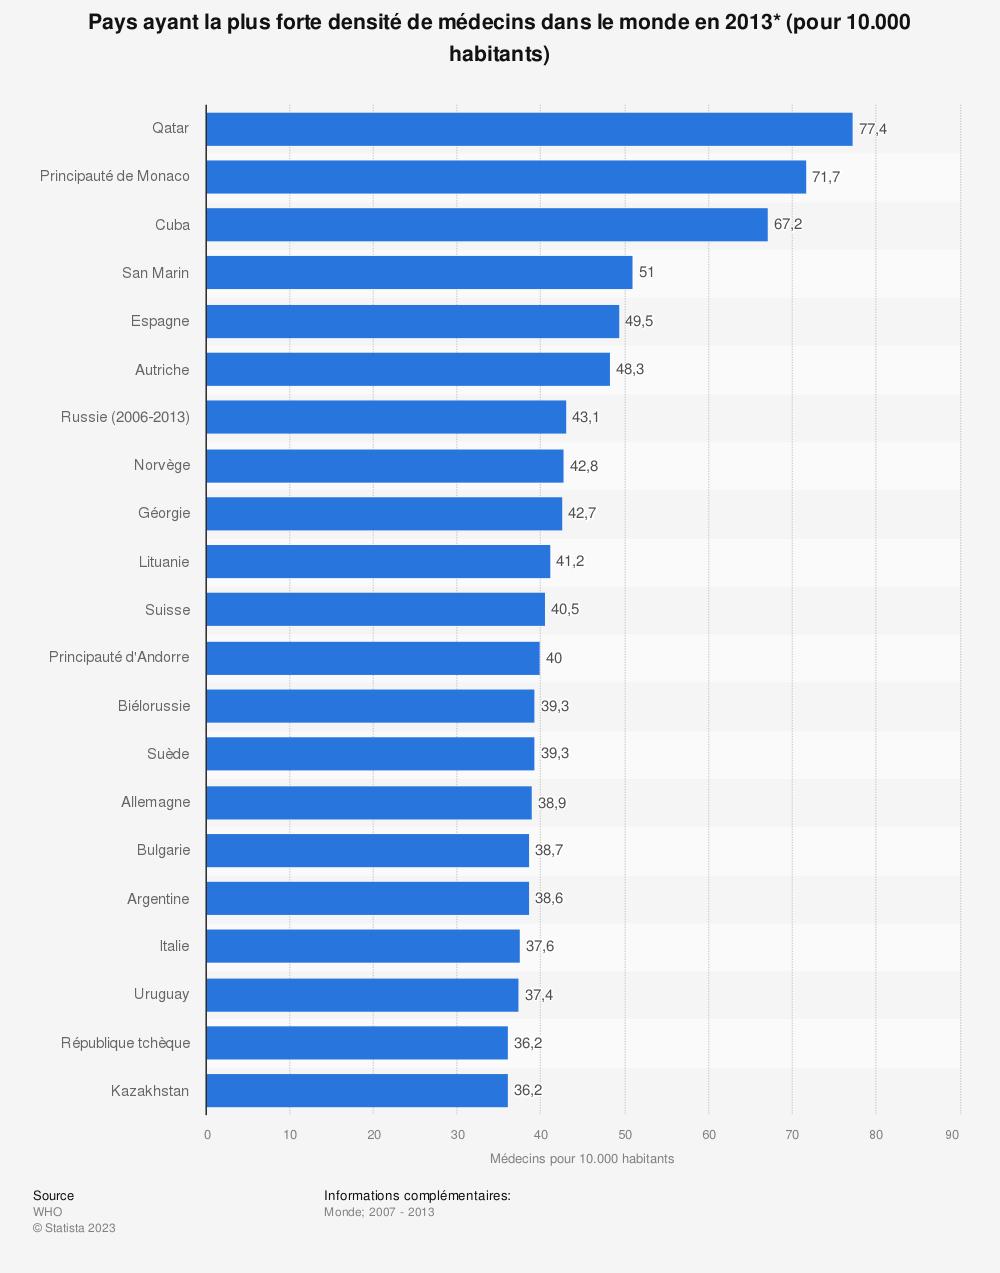 Statistique: Pays ayant la plus forte densité de médecins dans le monde en 2013* (pour 10.000 habitants) | Statista